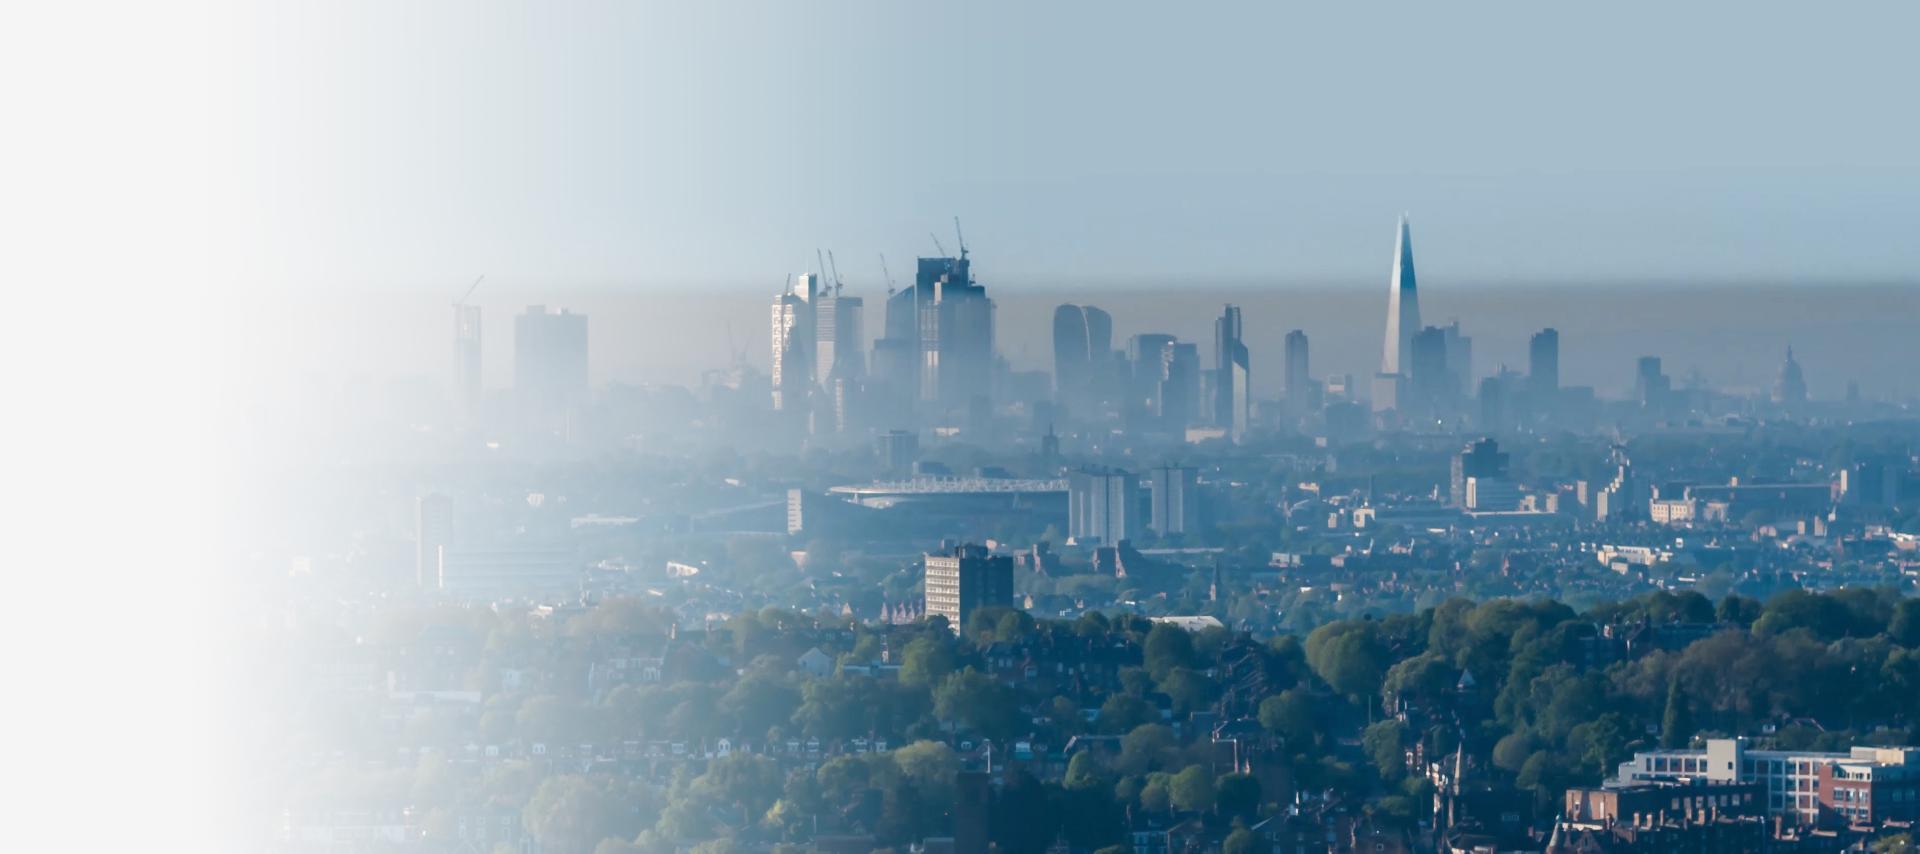 깨끗한 공기를 위한 노력